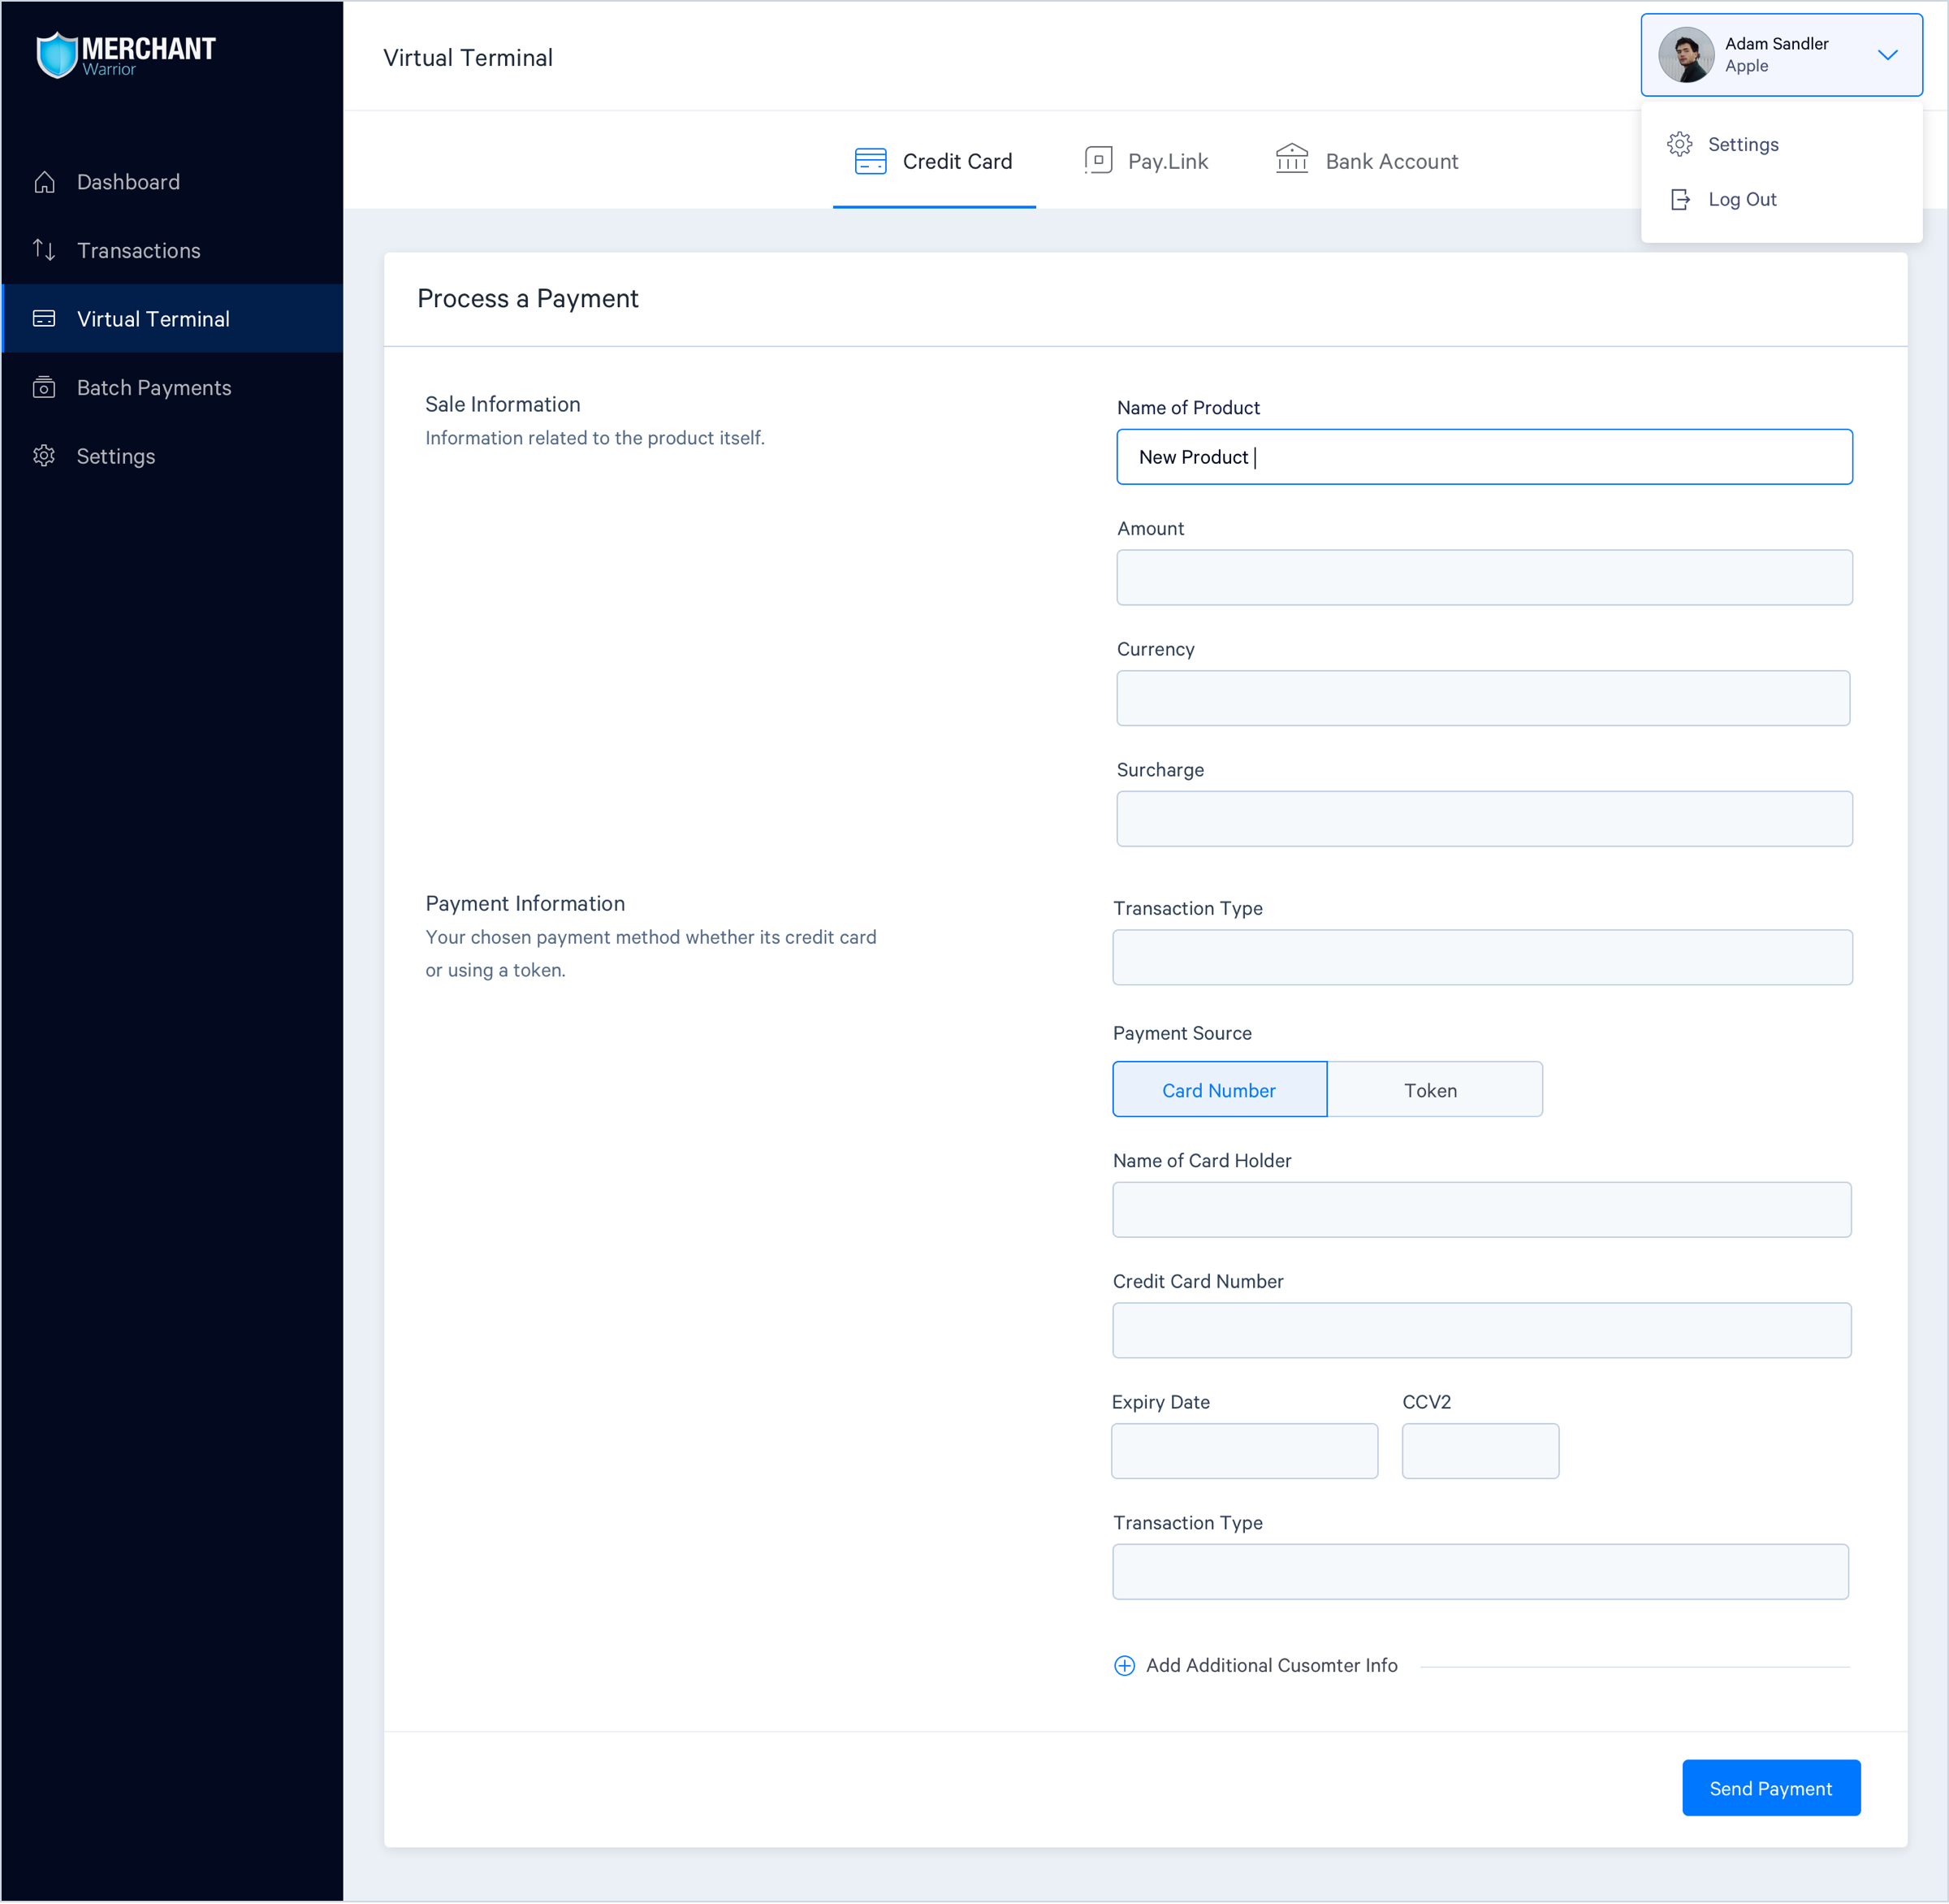 Virtual terminal page